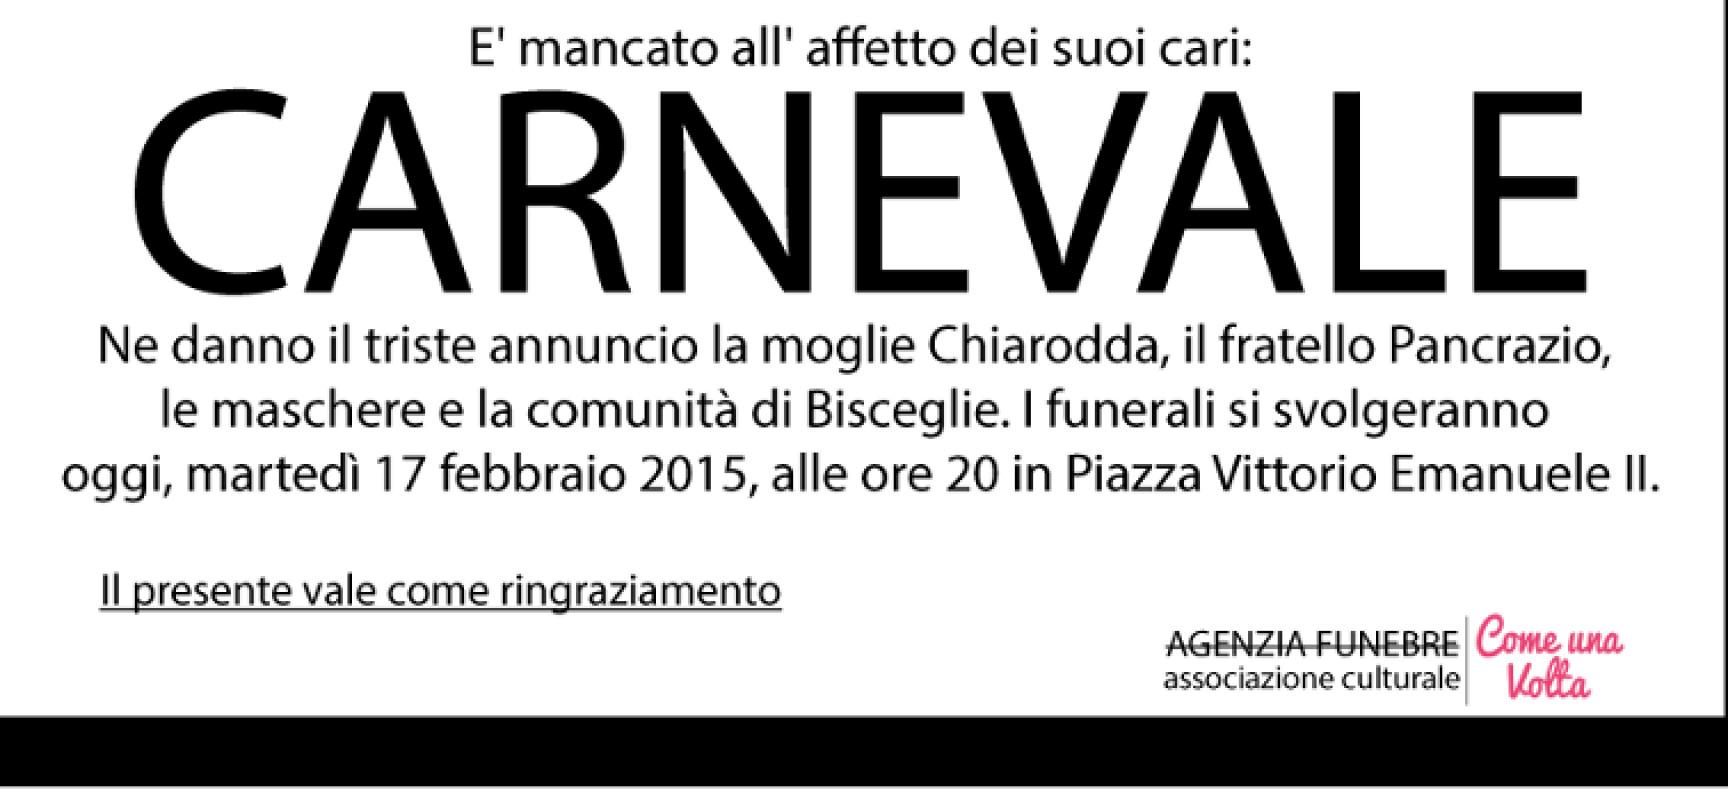 Questa sera torna in piazza il funerale a Carnevale